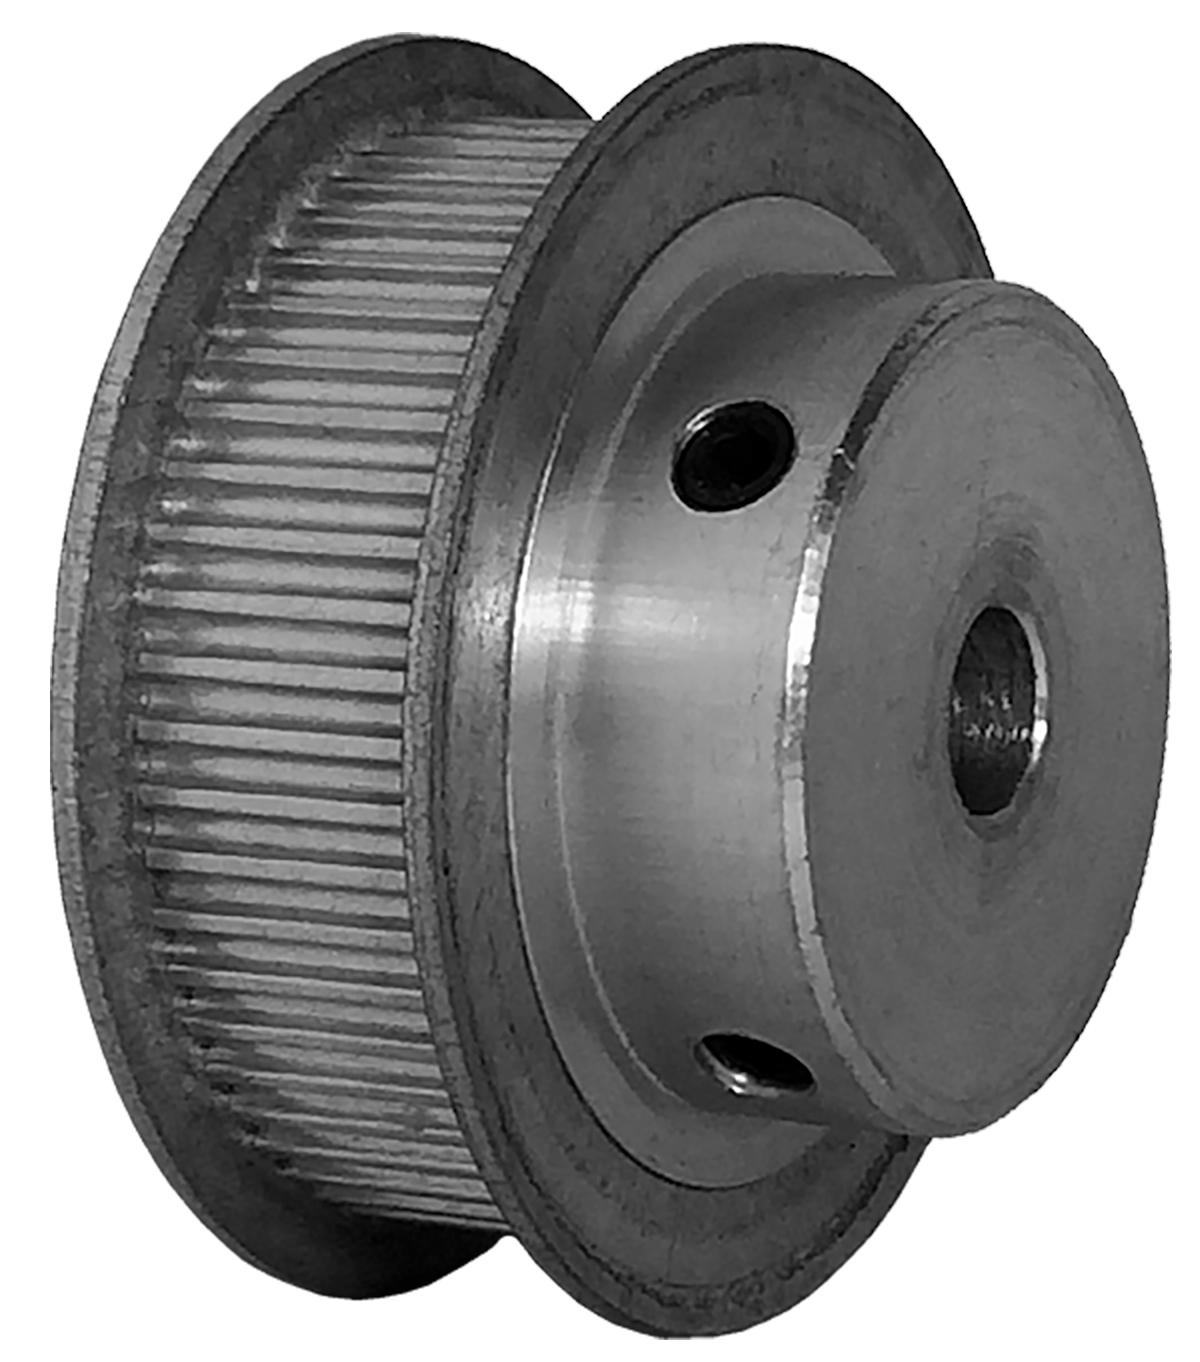 56-2P09-6FA3 - Aluminum Powerhouse® Pulleys